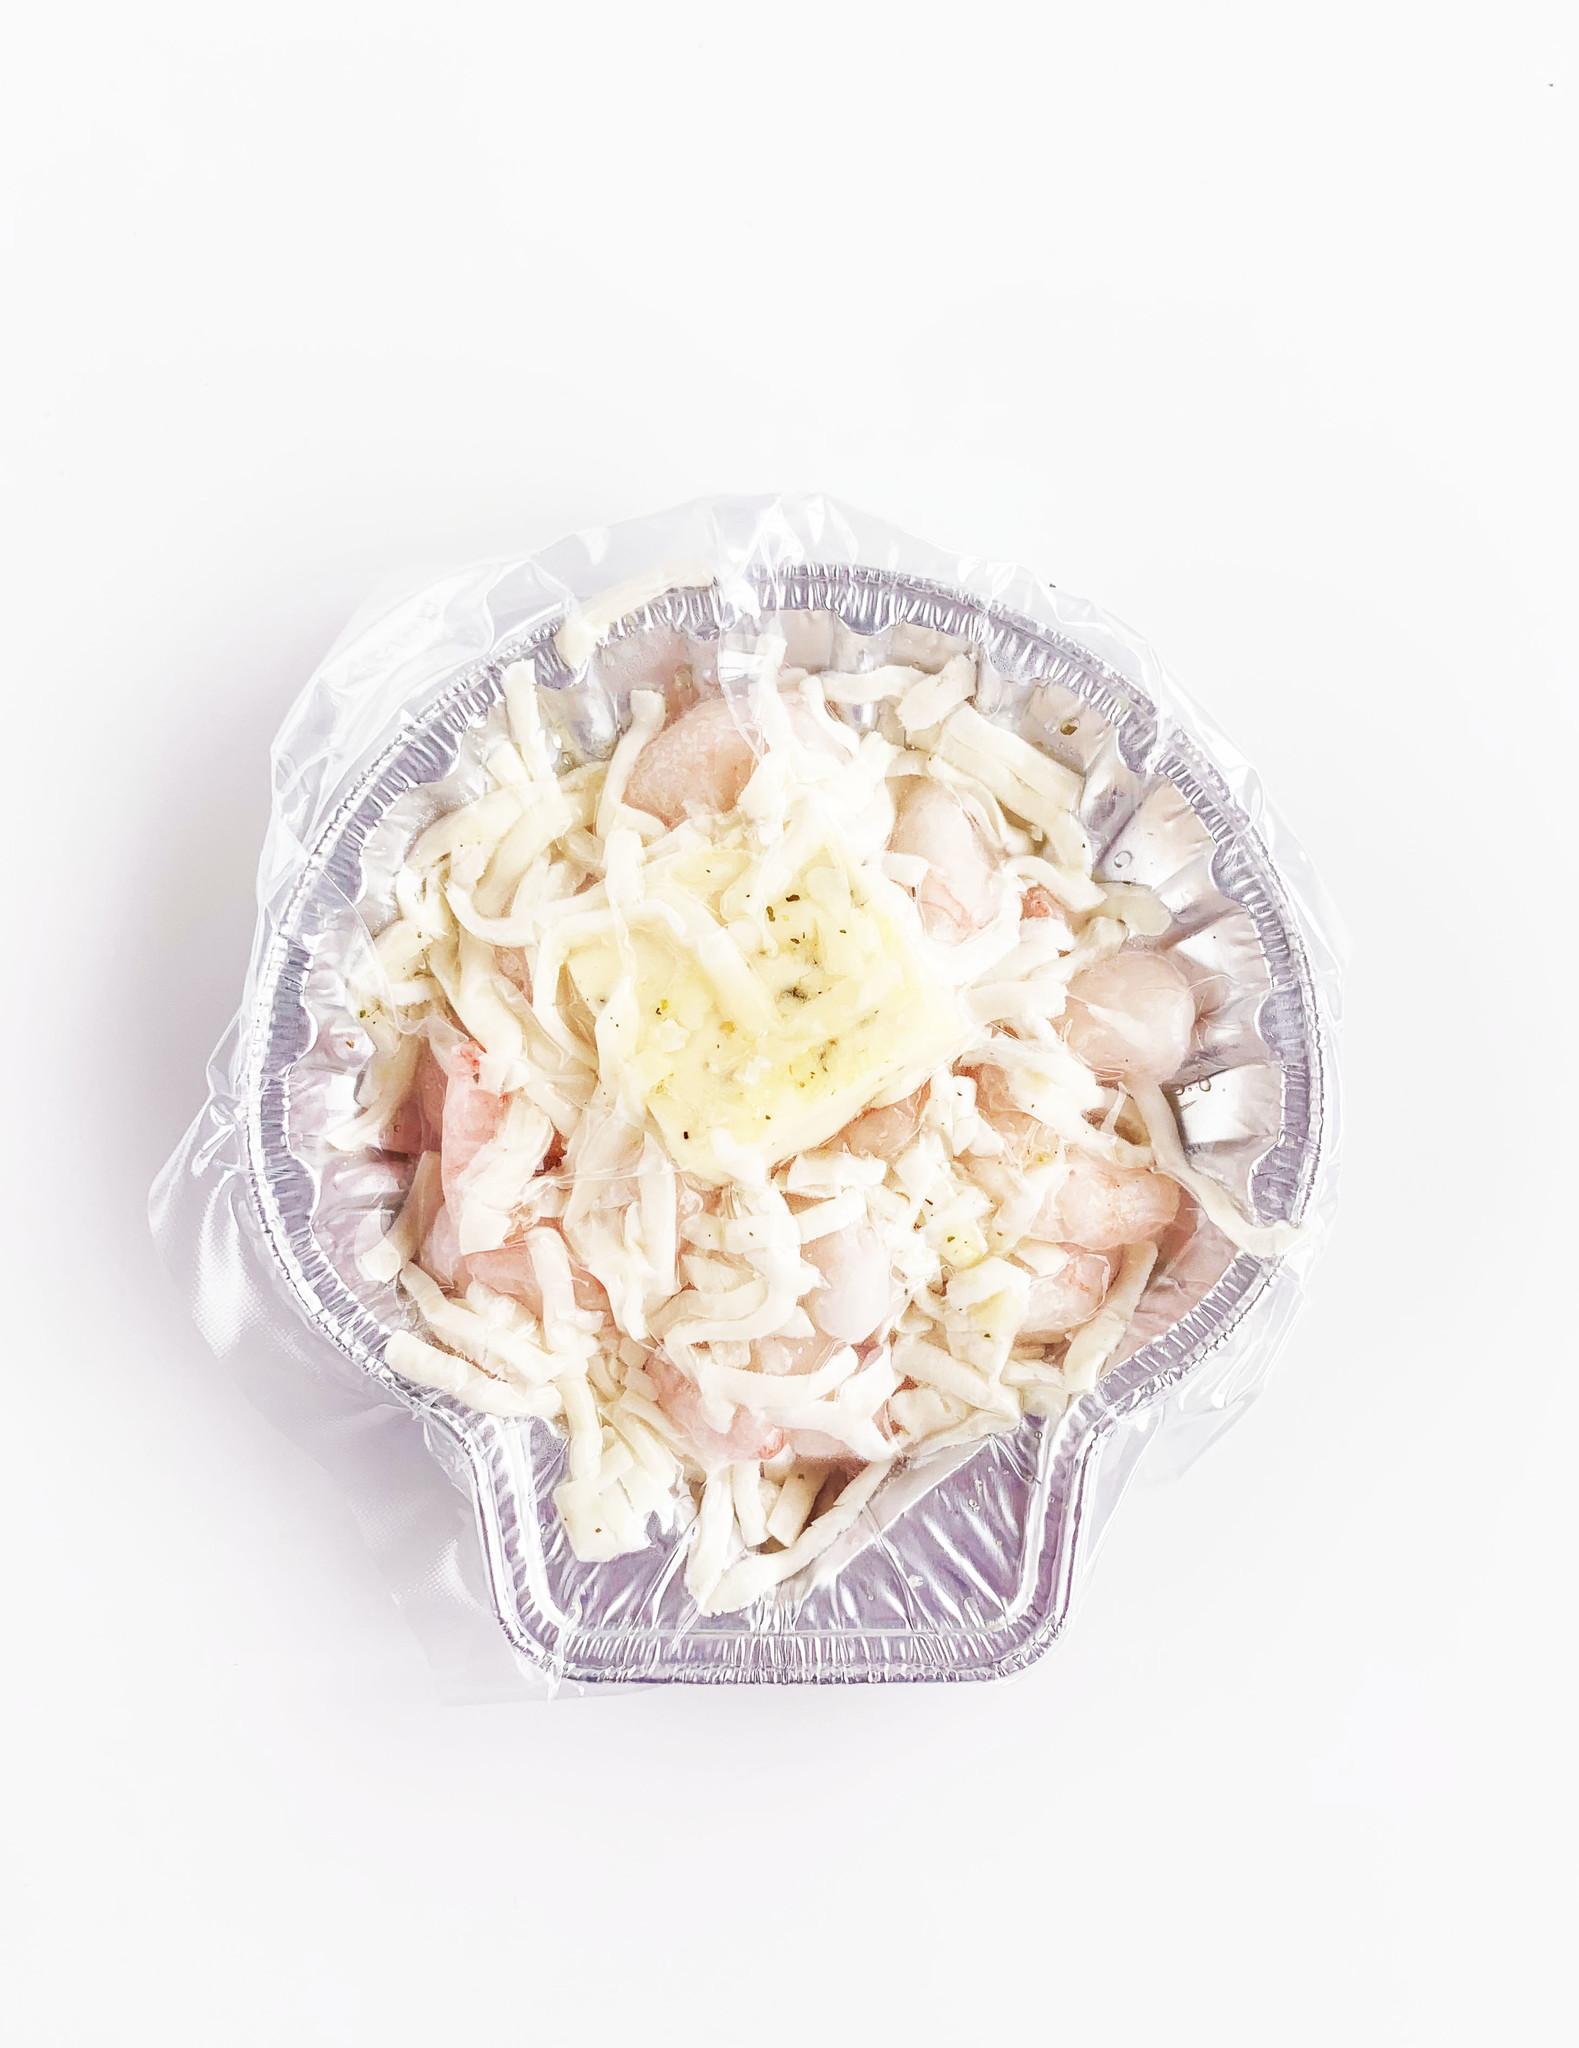 Garlic shrimp au gratin